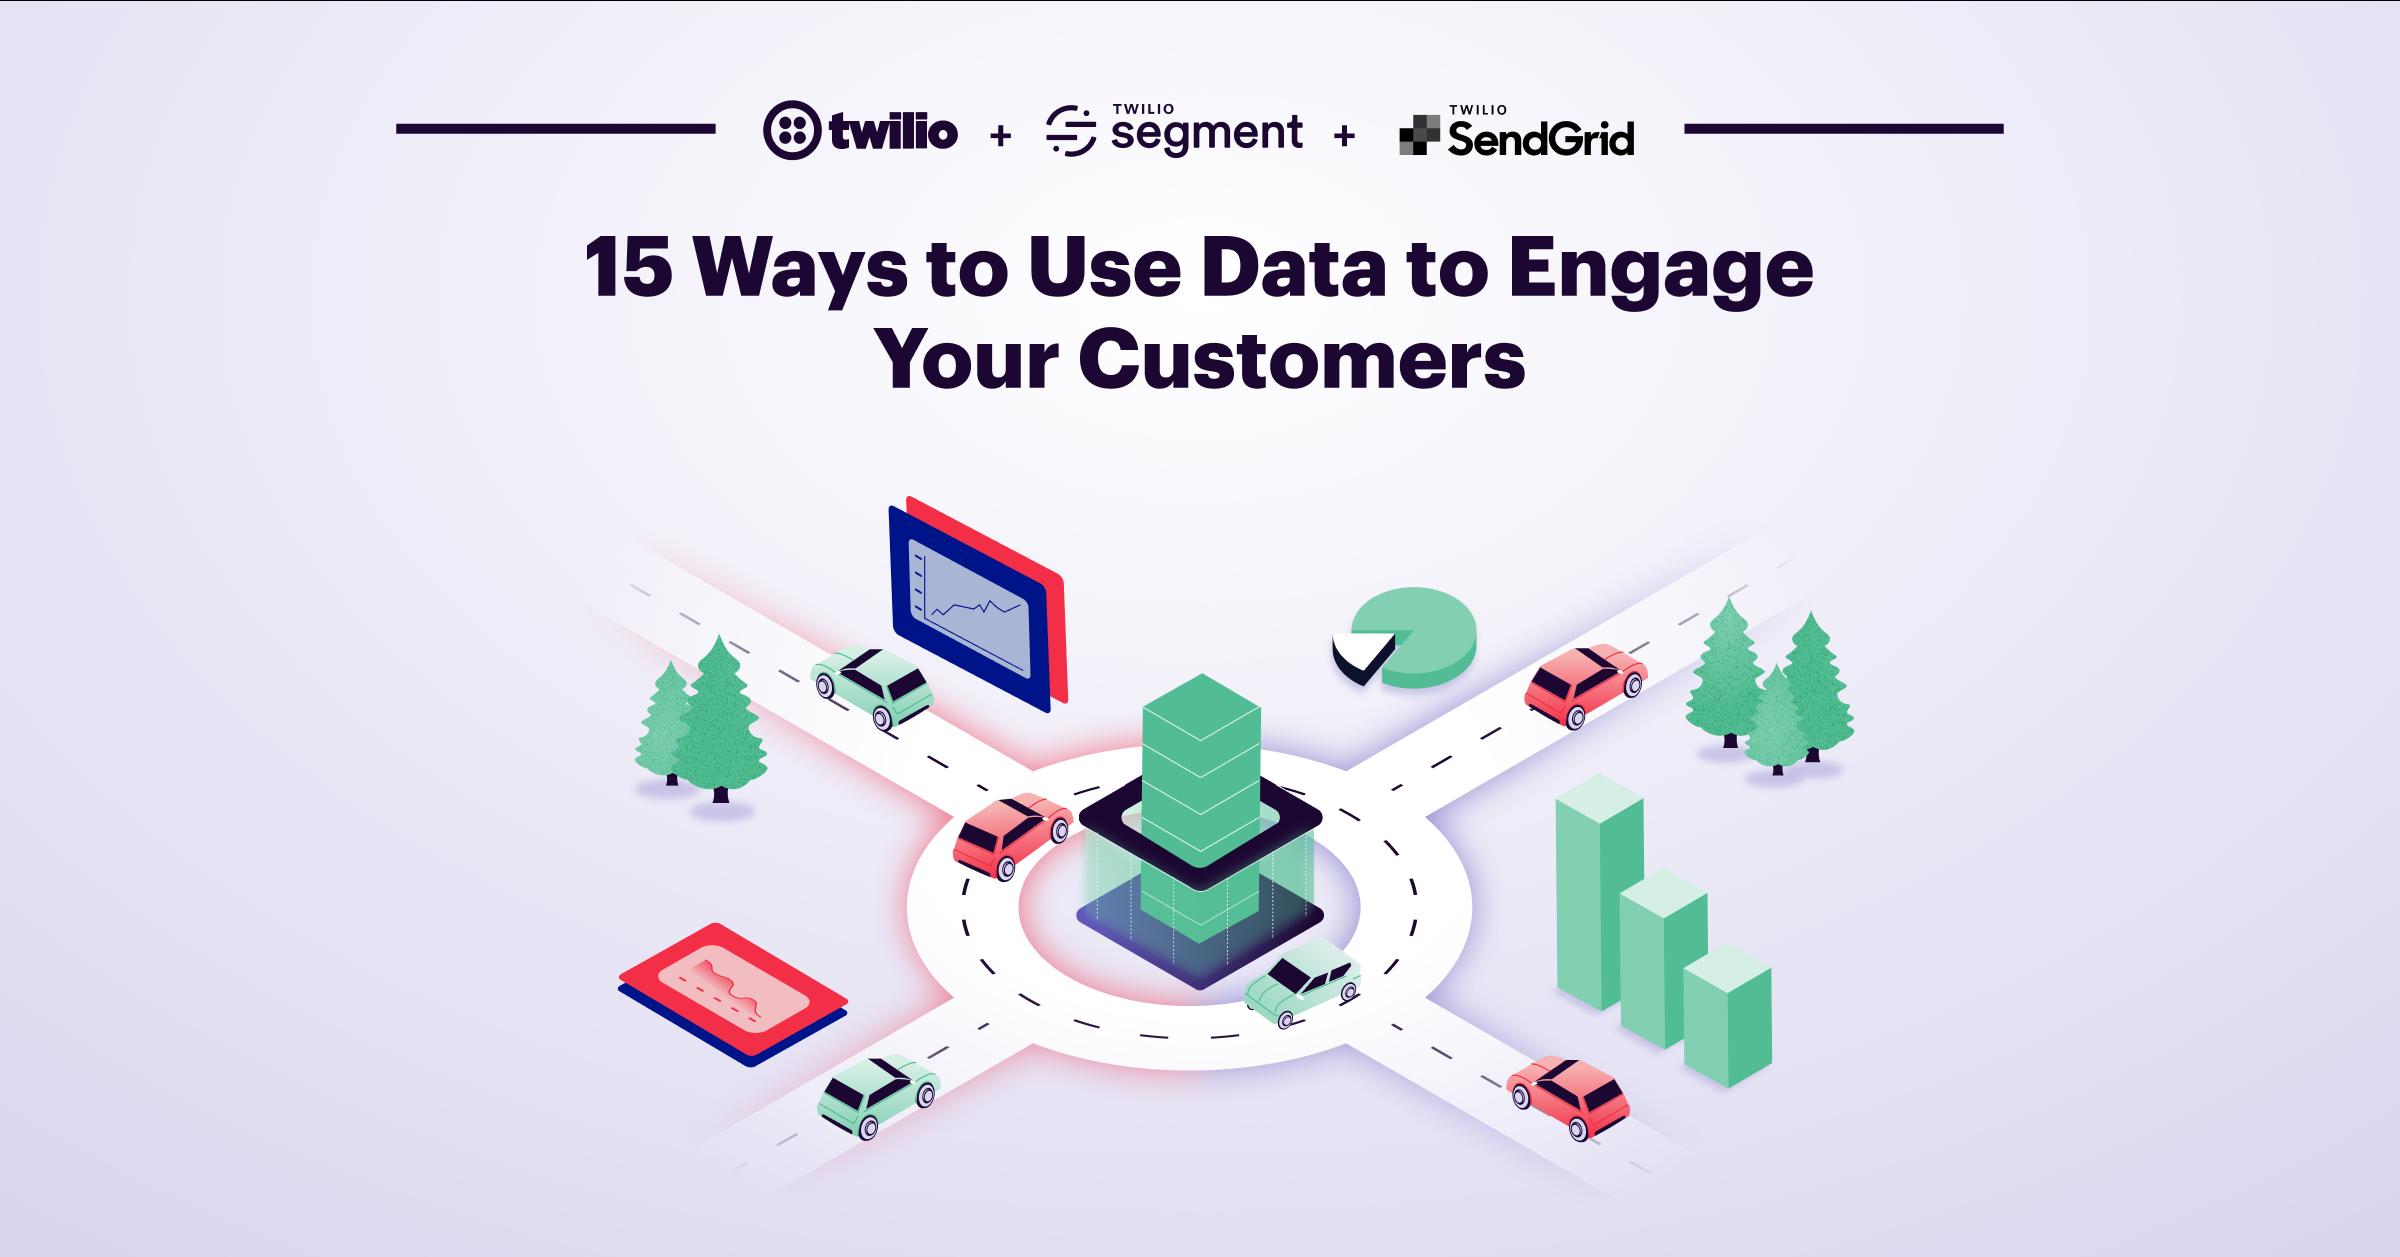 使用数据来吸引客户的15种方法manbetx客户端应用下载